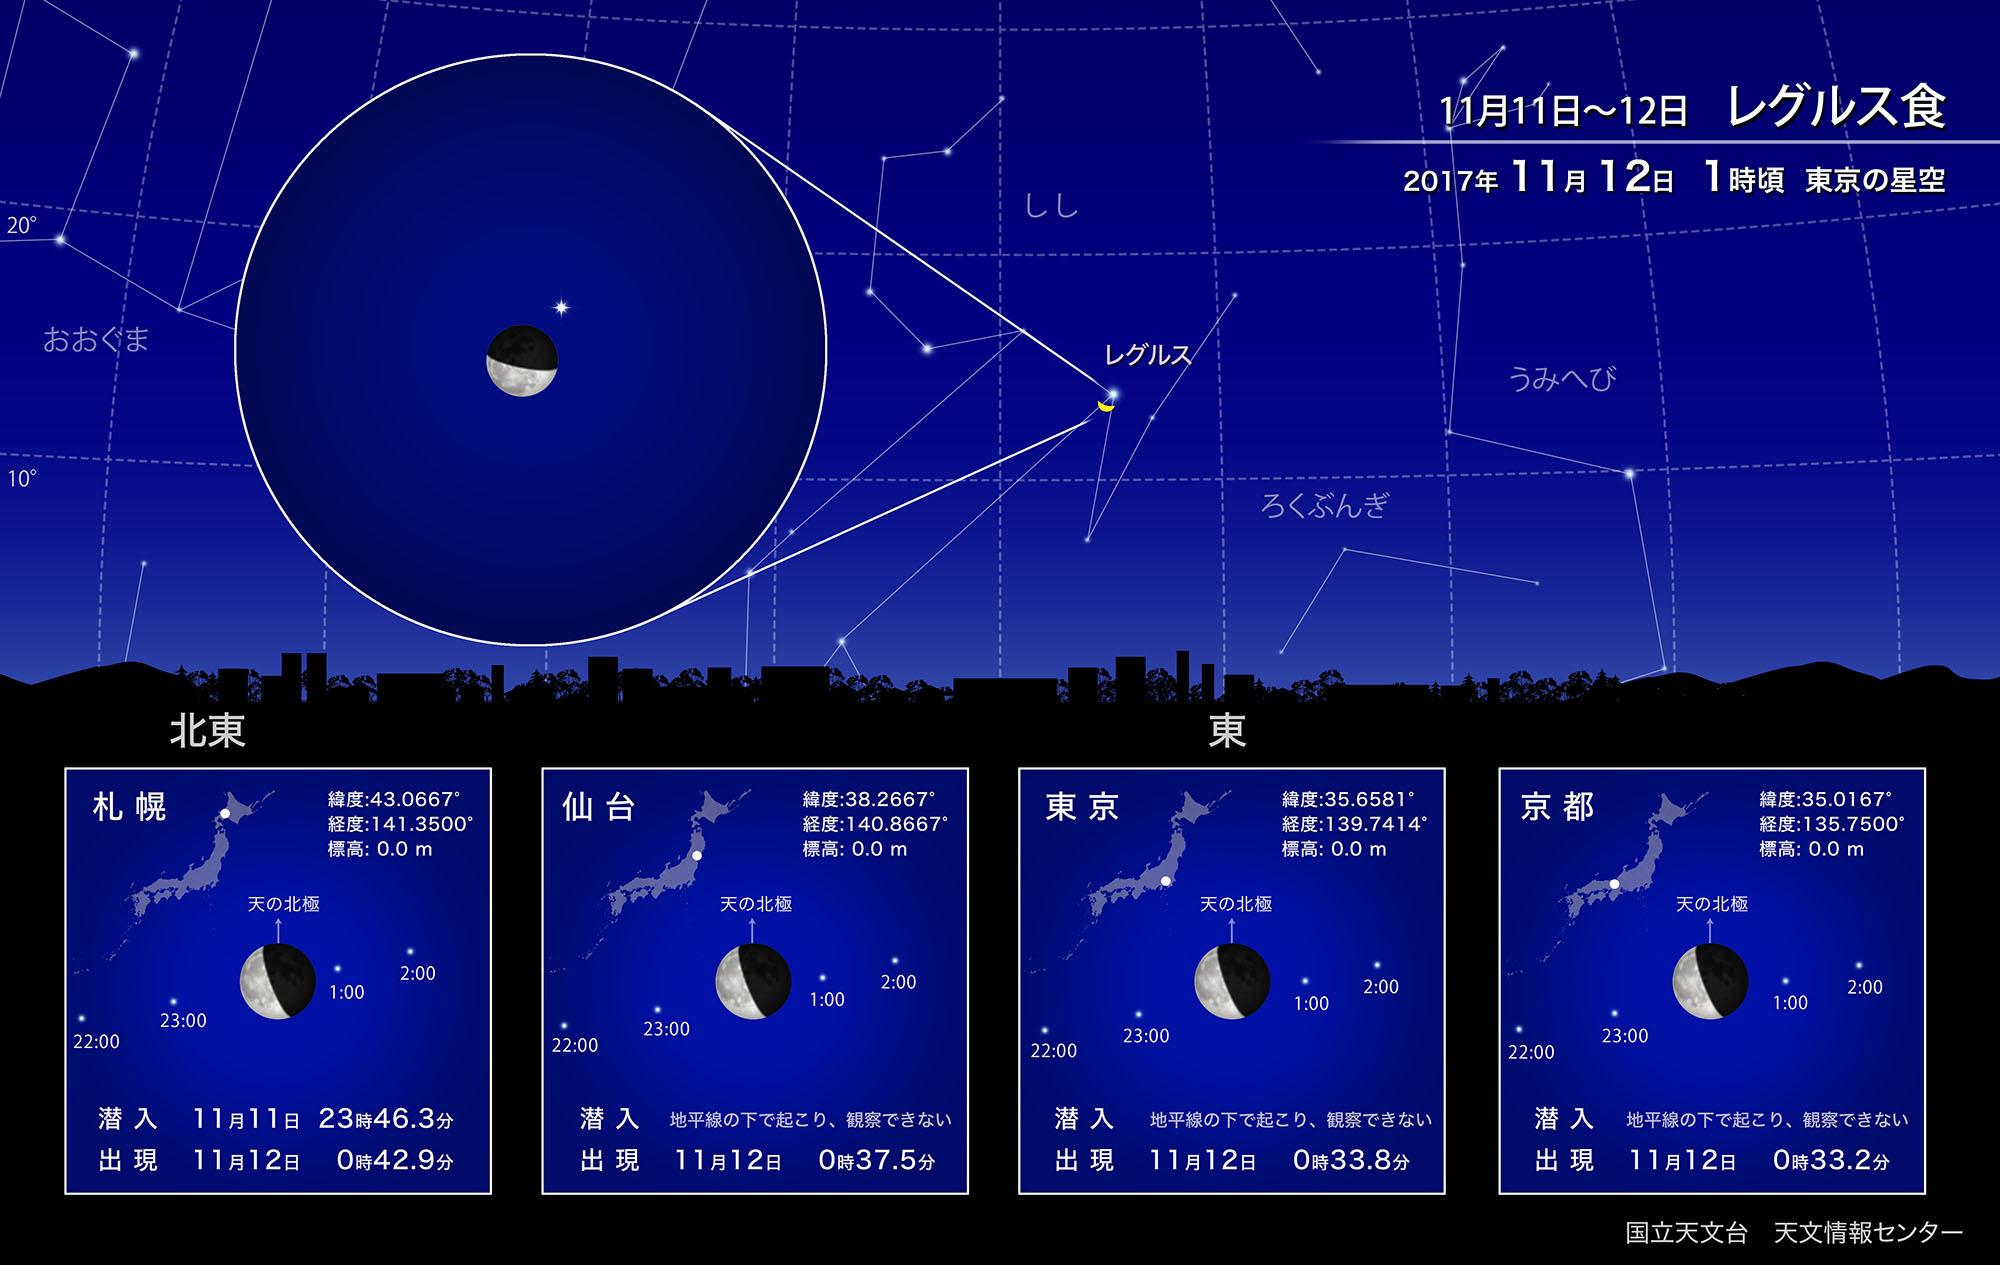 11月の天文情報(29年度) | 福井県自然保護センター